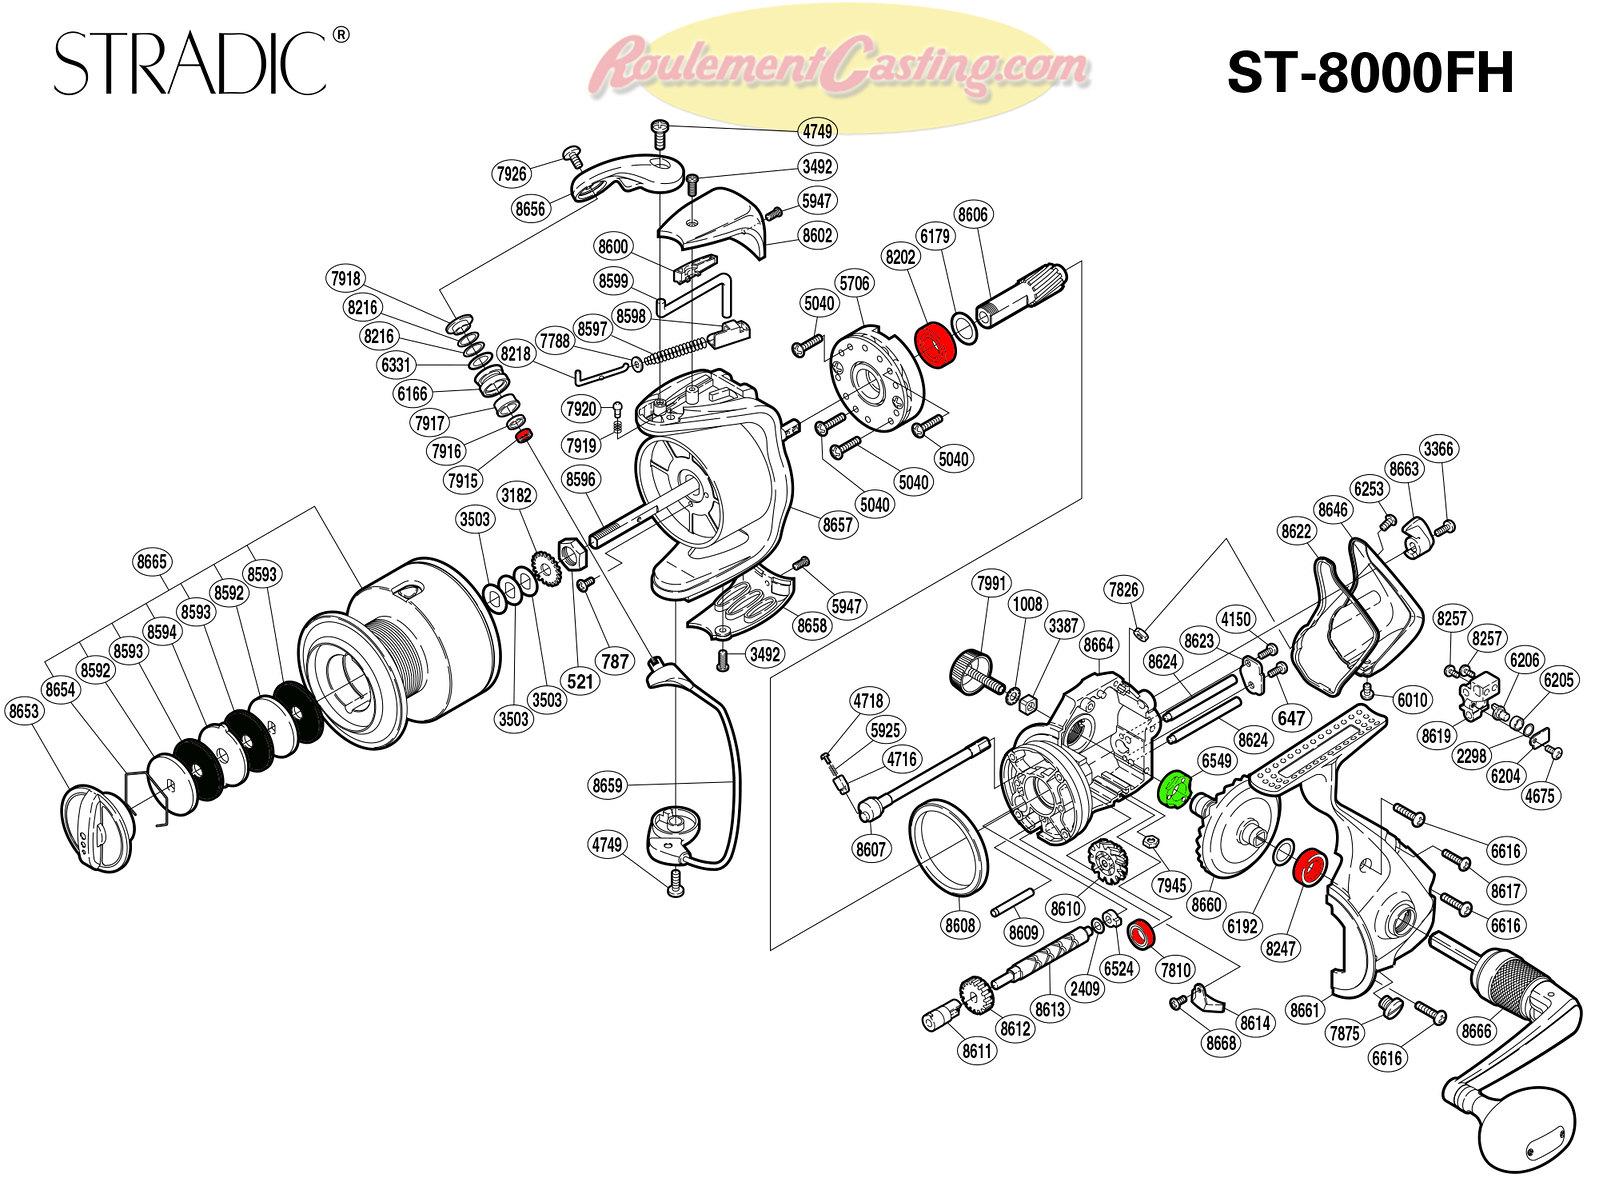 Schema-Stradic-8000FH